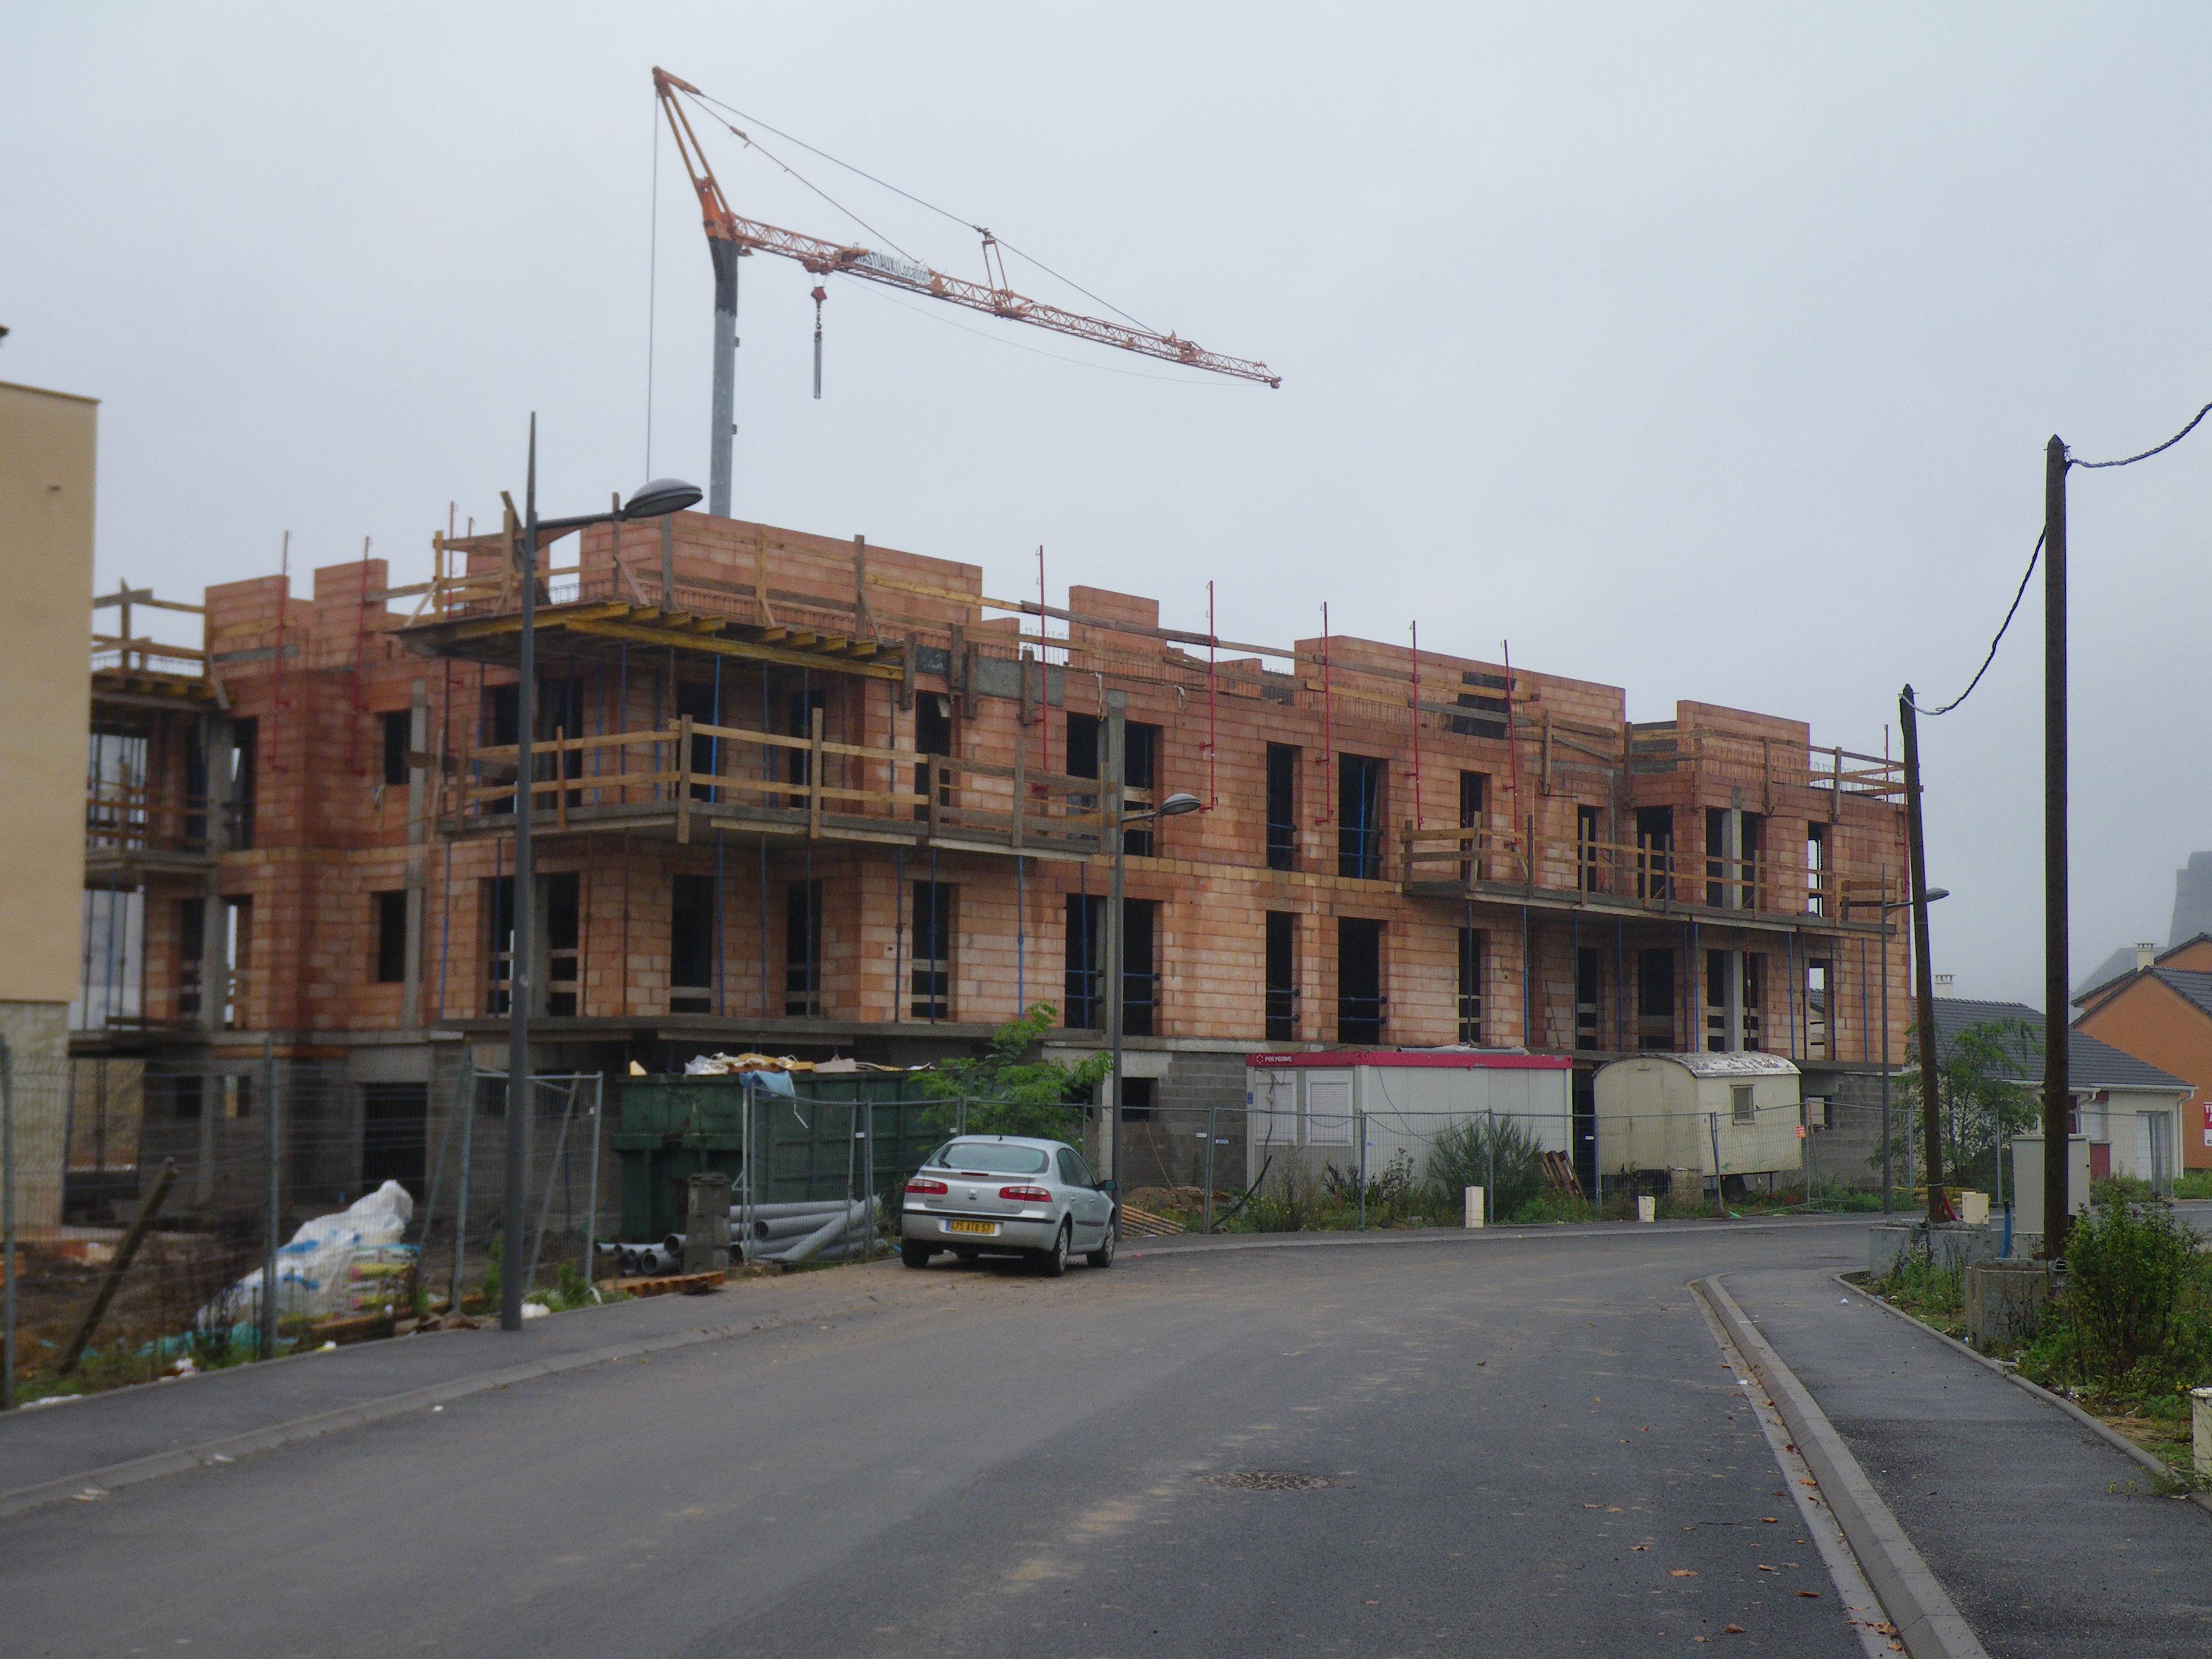 File amn ville buildings under construction for Building under construction insurance